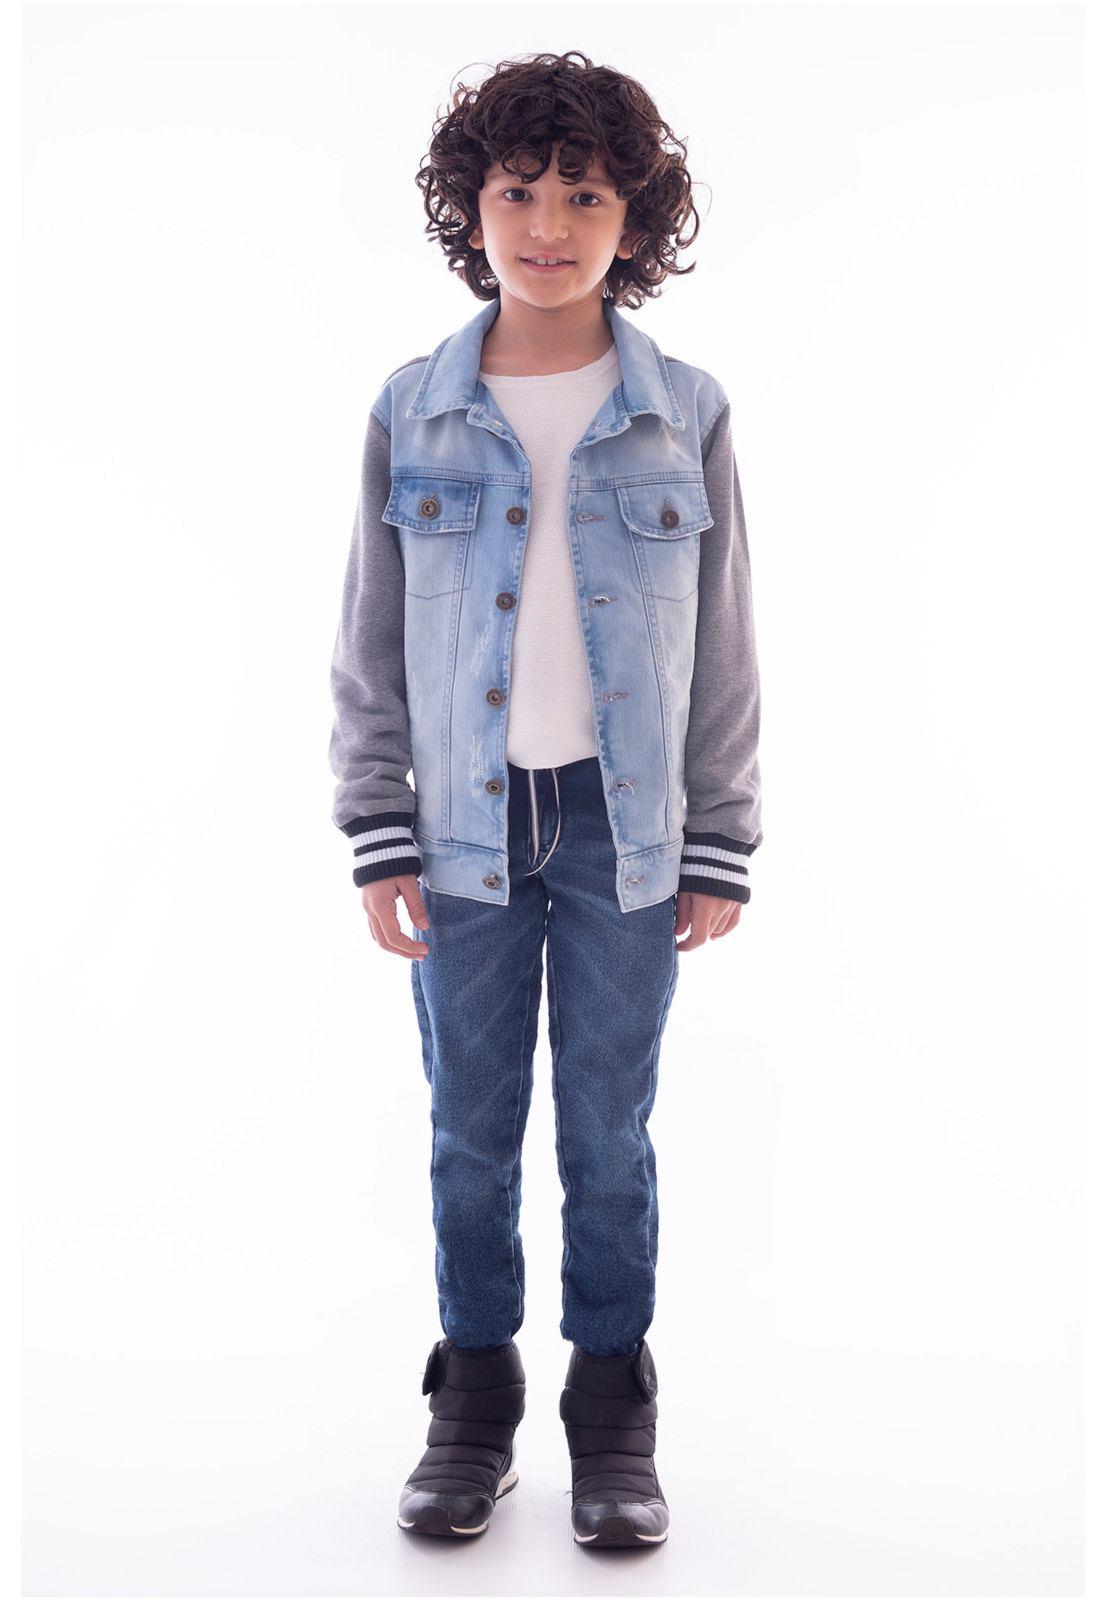 Jaqueta Jeans - Costas e Mangas Moletinho Ref. 537